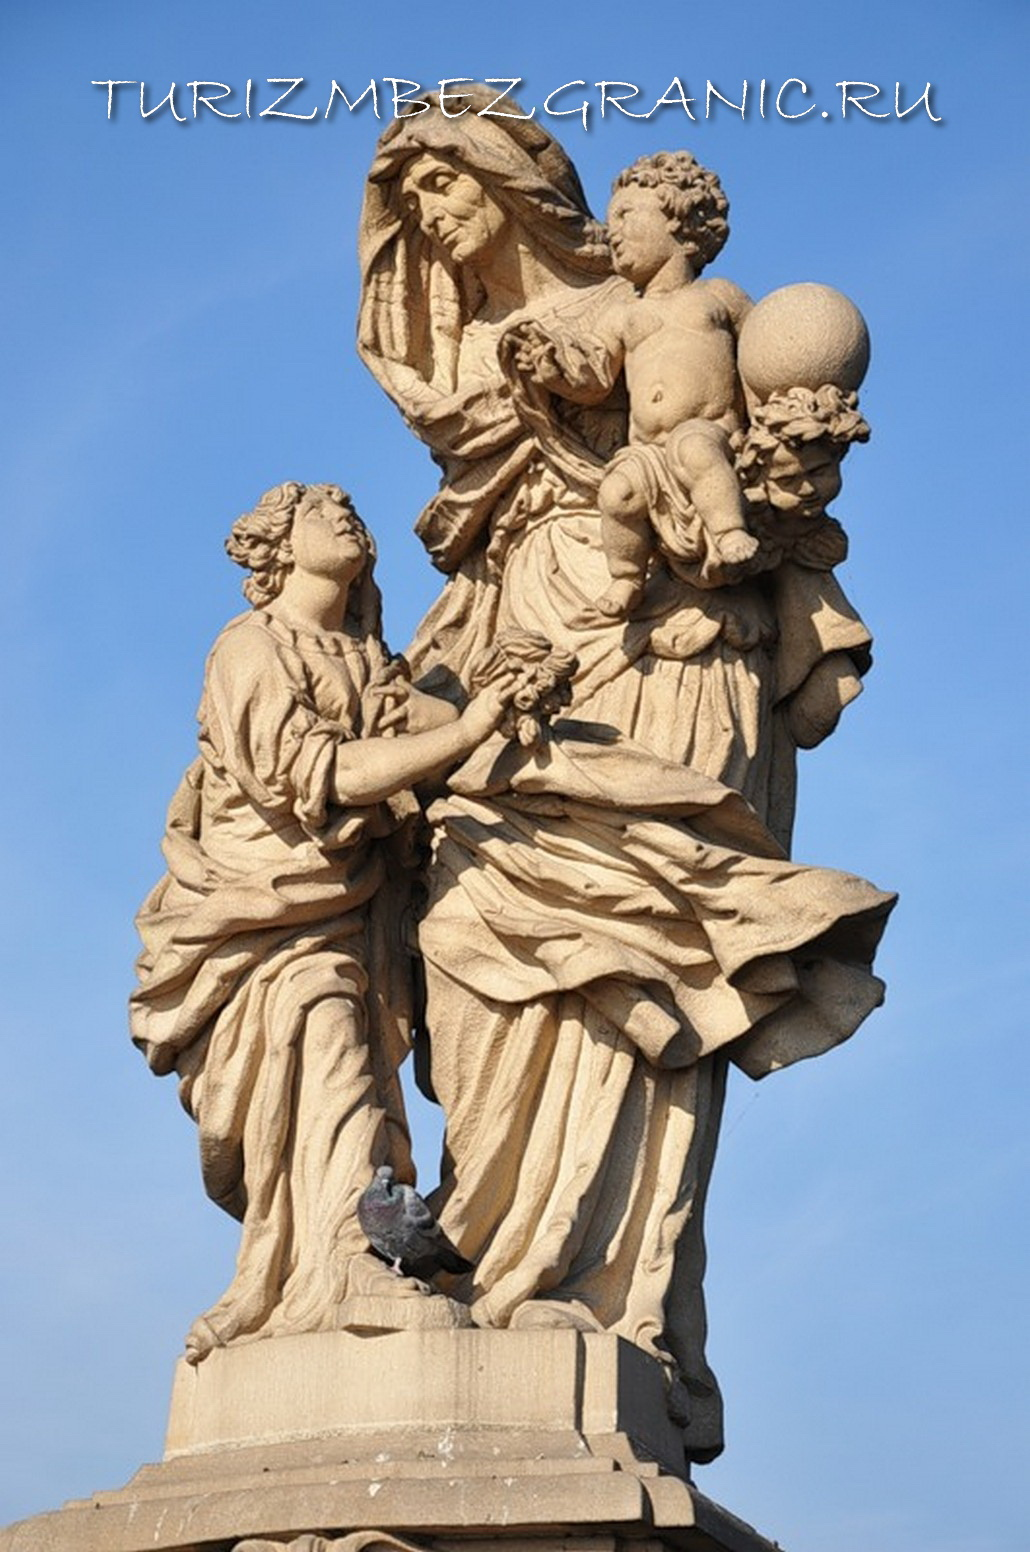 Мать Девы Марии святая Анна. Автор Матей Вацлав Янкель, 1707 год